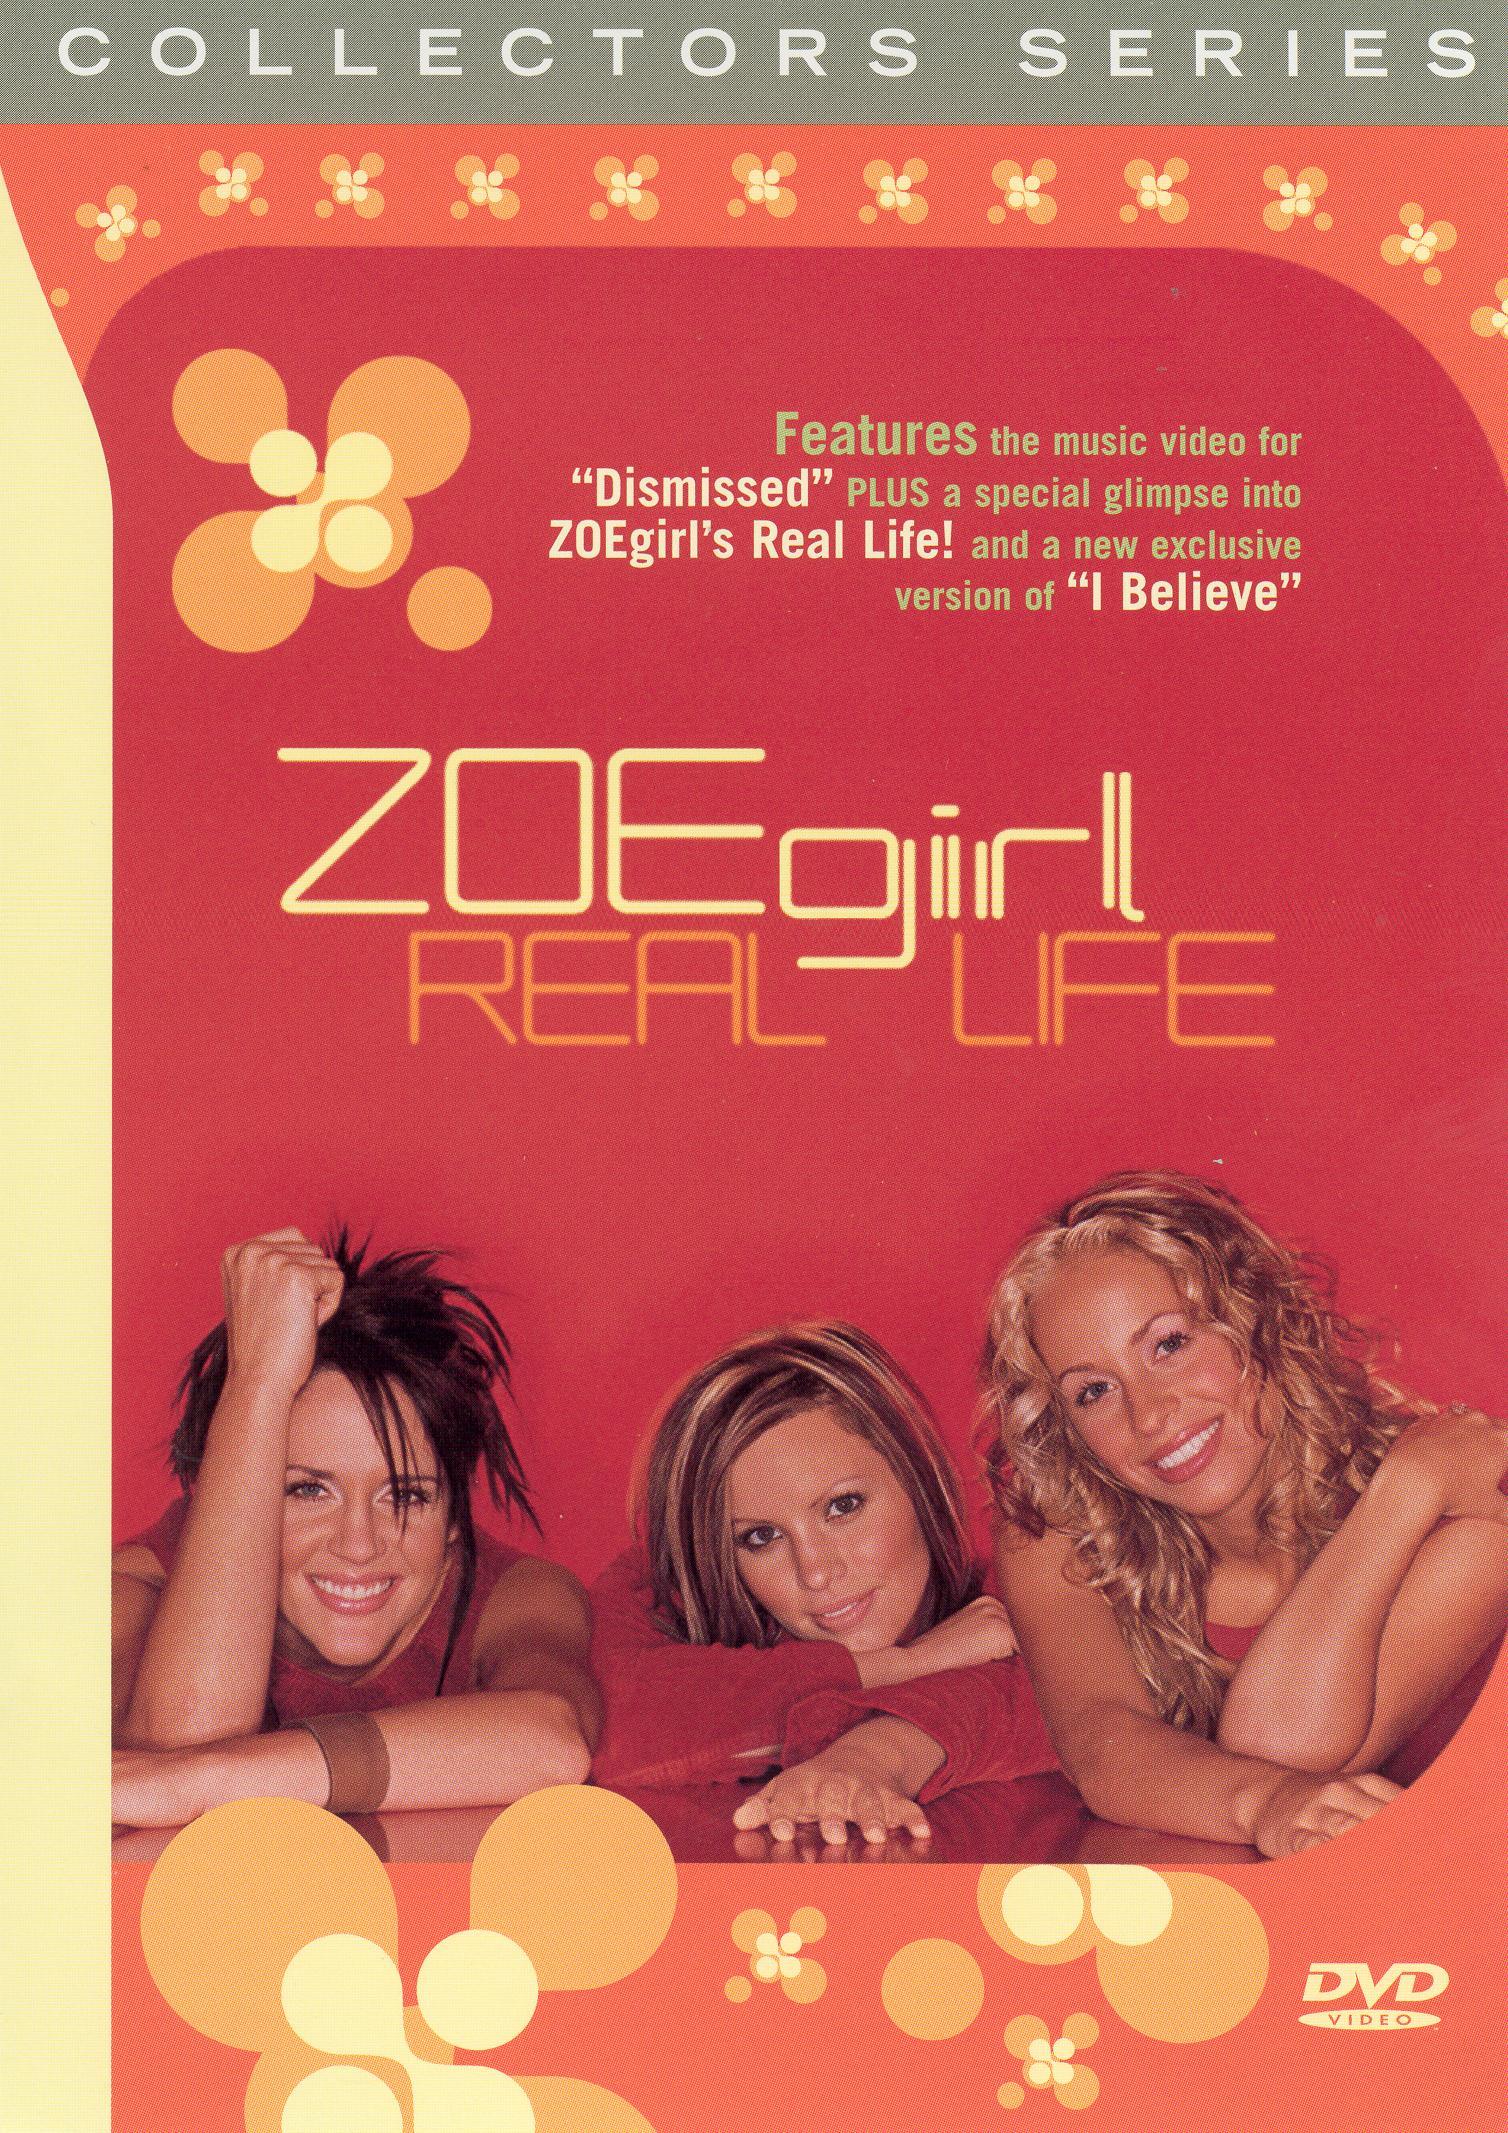 ZOEgirl: Real Life [DVD Single]